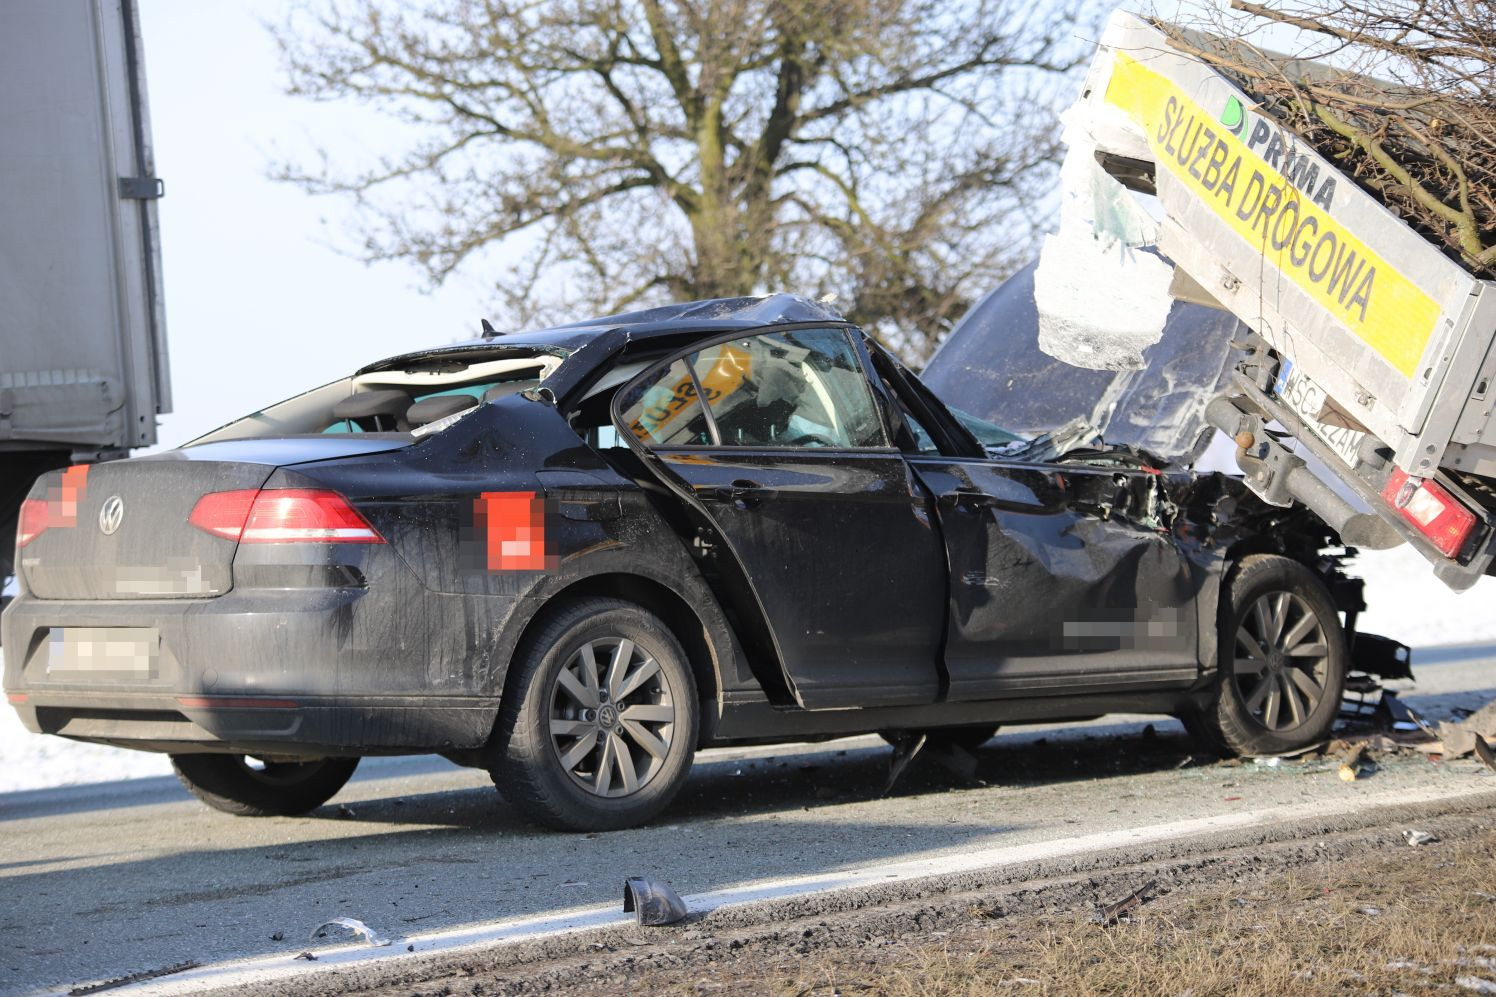 [ZDJĘCIA] Potrącenie dwóch pieszych i rozbite samochody na drodze krajowej pod Kutnem - Zdjęcie główne